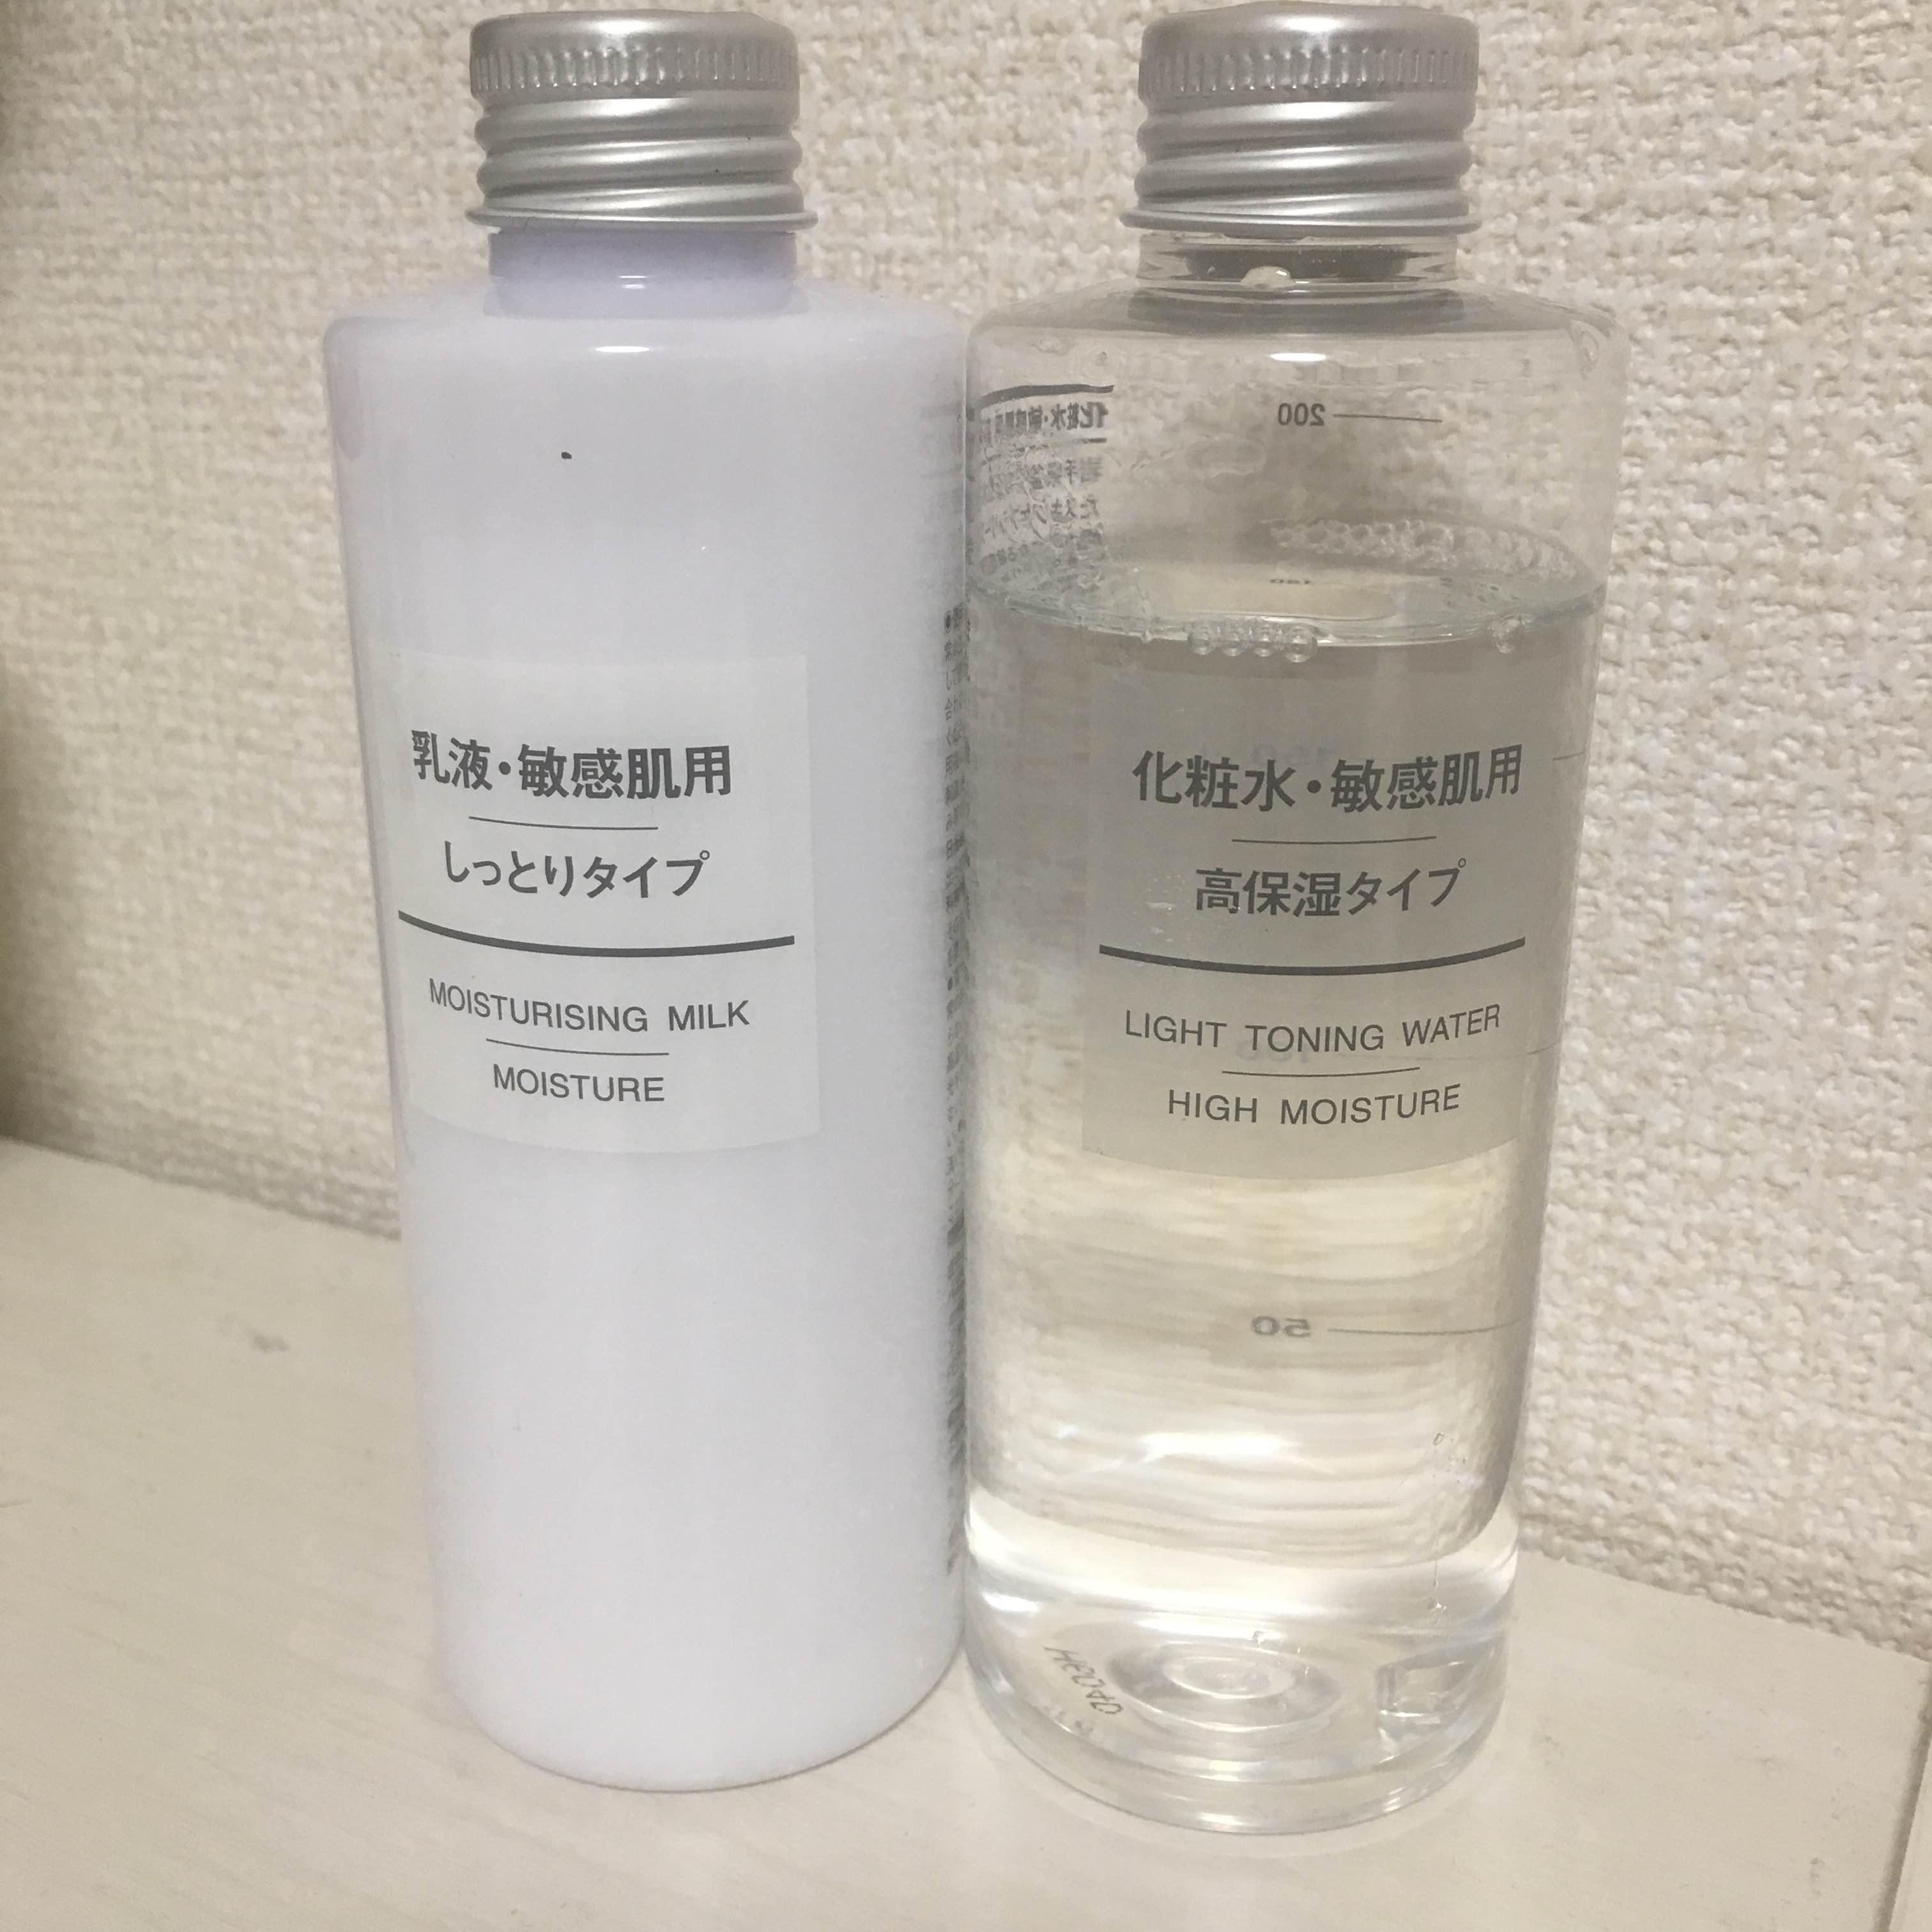 mii様 専用無印良品 敏感肌用 化粧水 乳液 セット